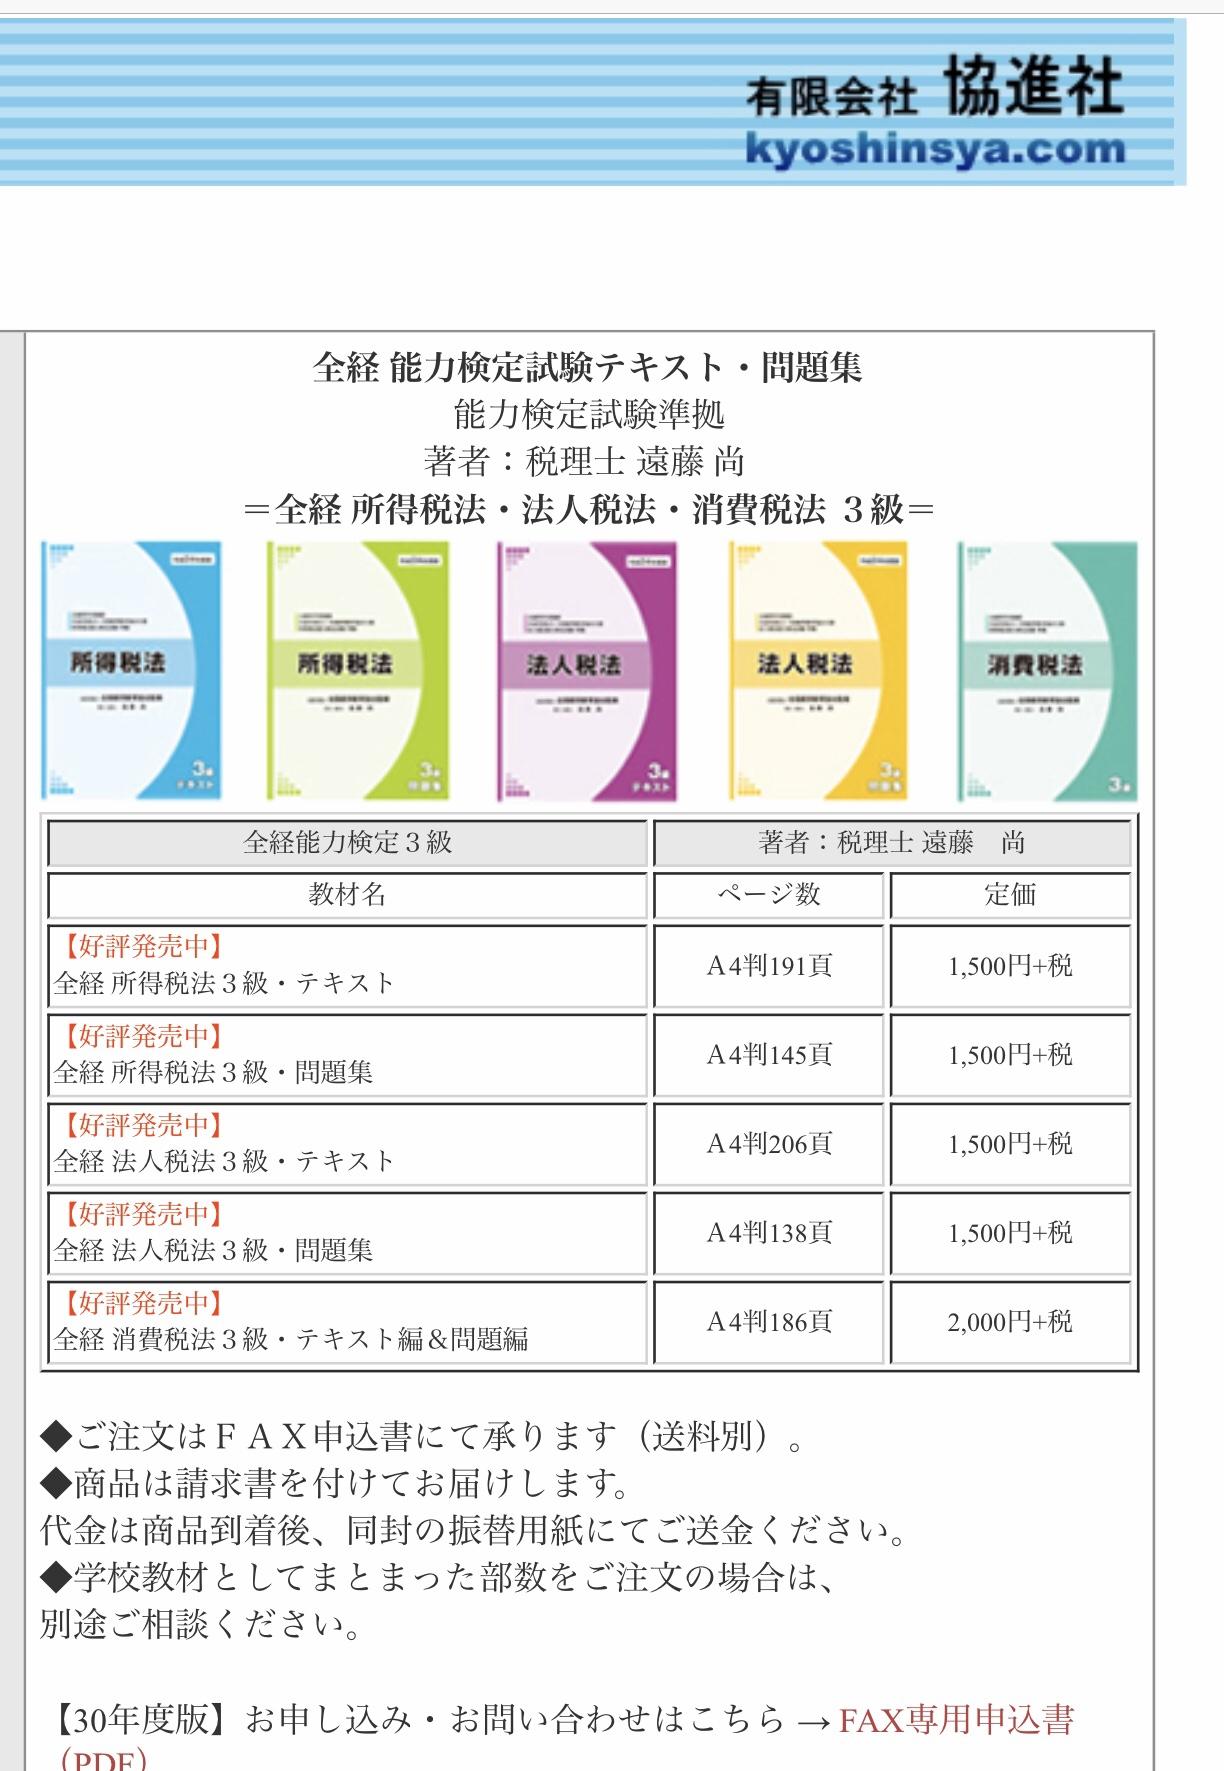 有限会社協進社のホームページ 消費税法能力検定のテキスト